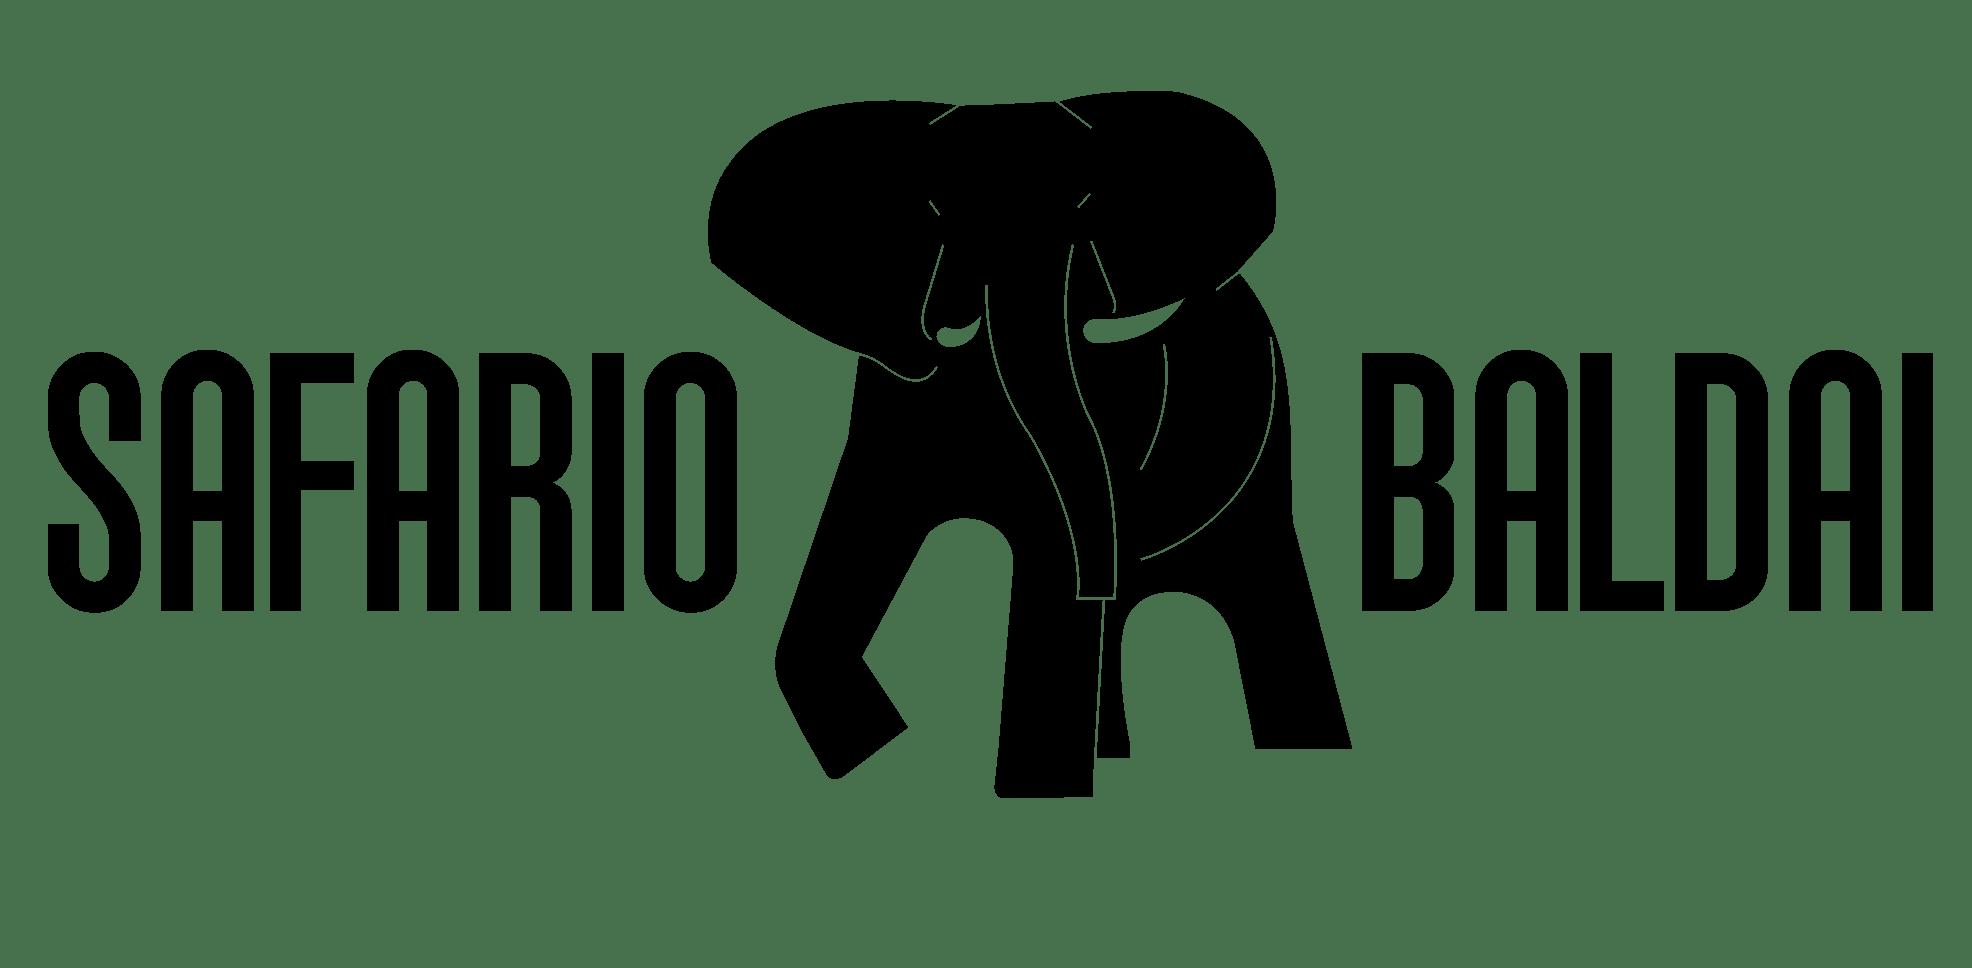 Safario Baldai